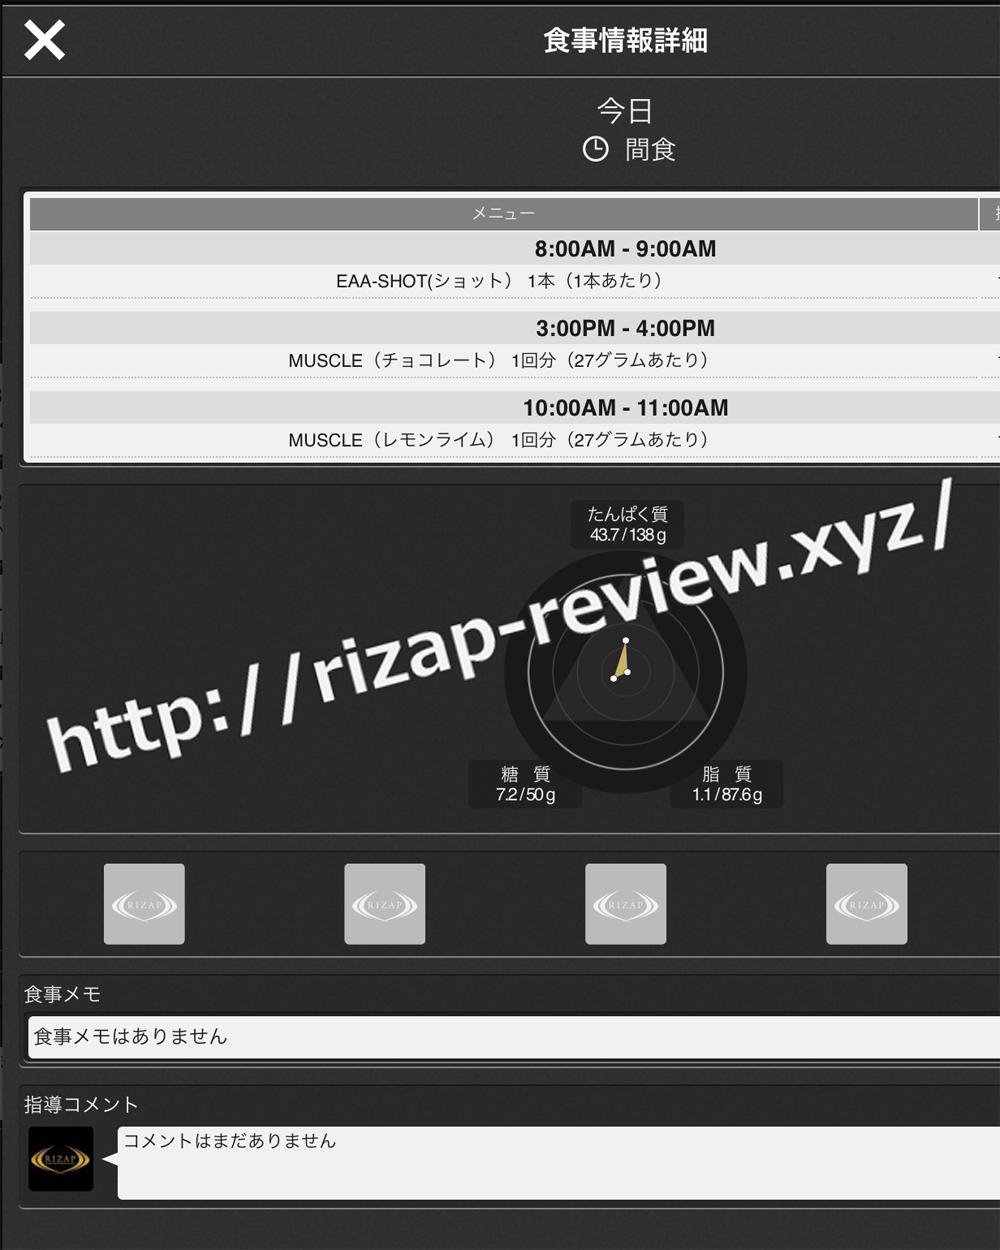 2018.9.23(日)ライザップ流の間食